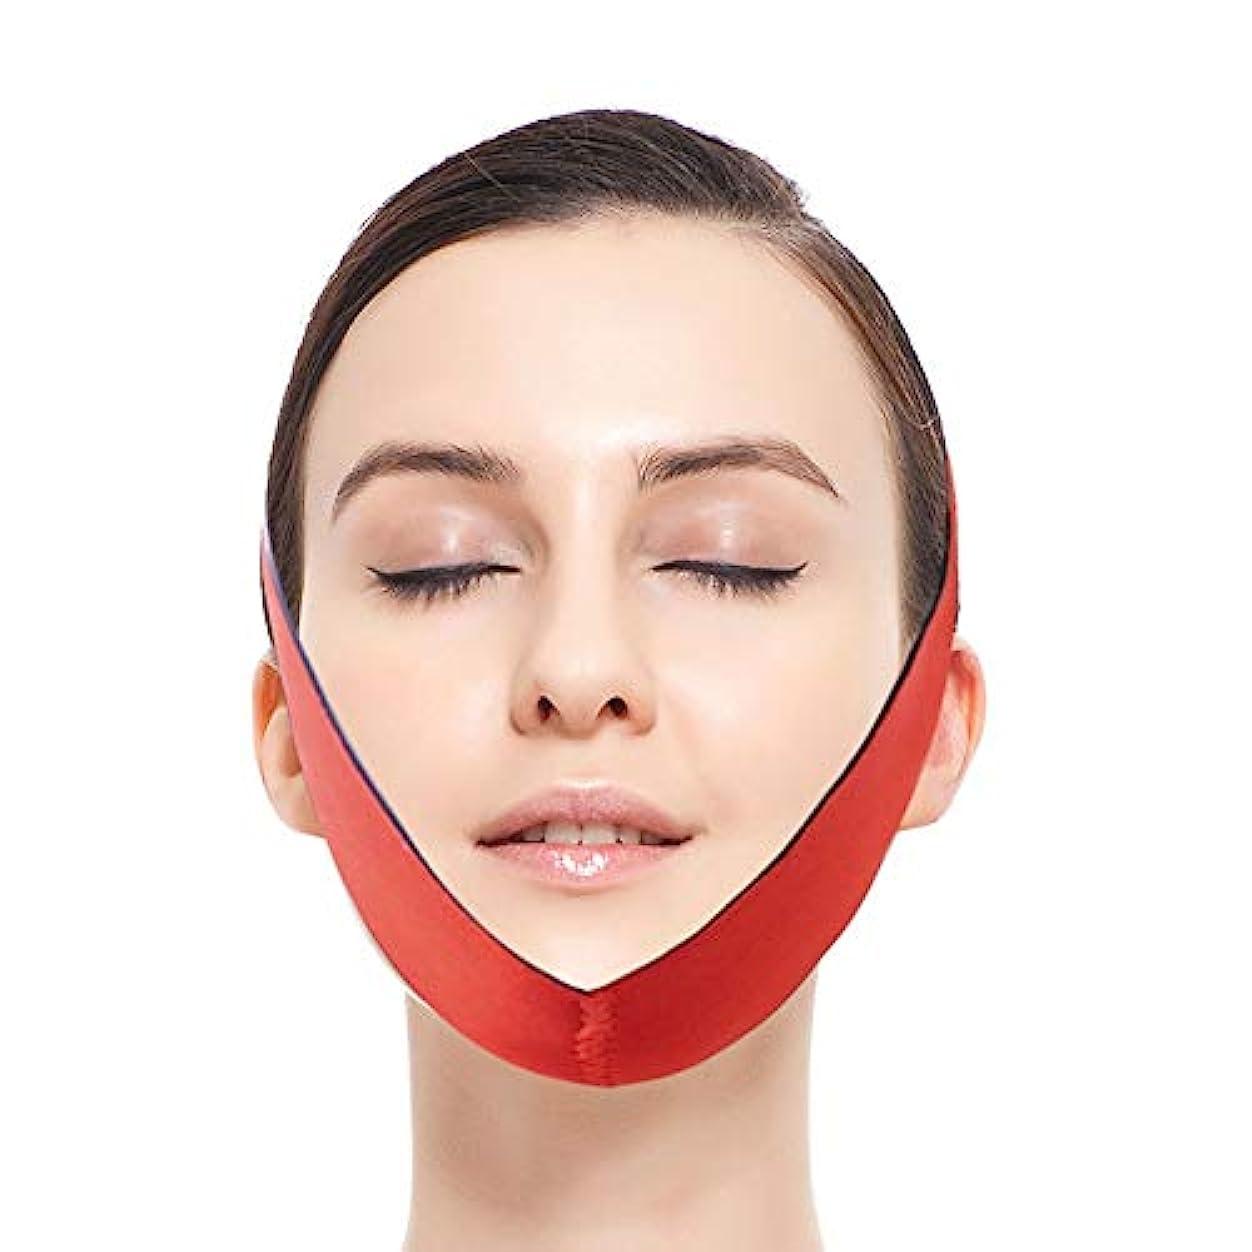 持続する休眠温帯フェイスリフティングアーティファクトVフェイス包帯マスクダブルあご引き締め顔薄い咬傷筋肉下顎矯正顔